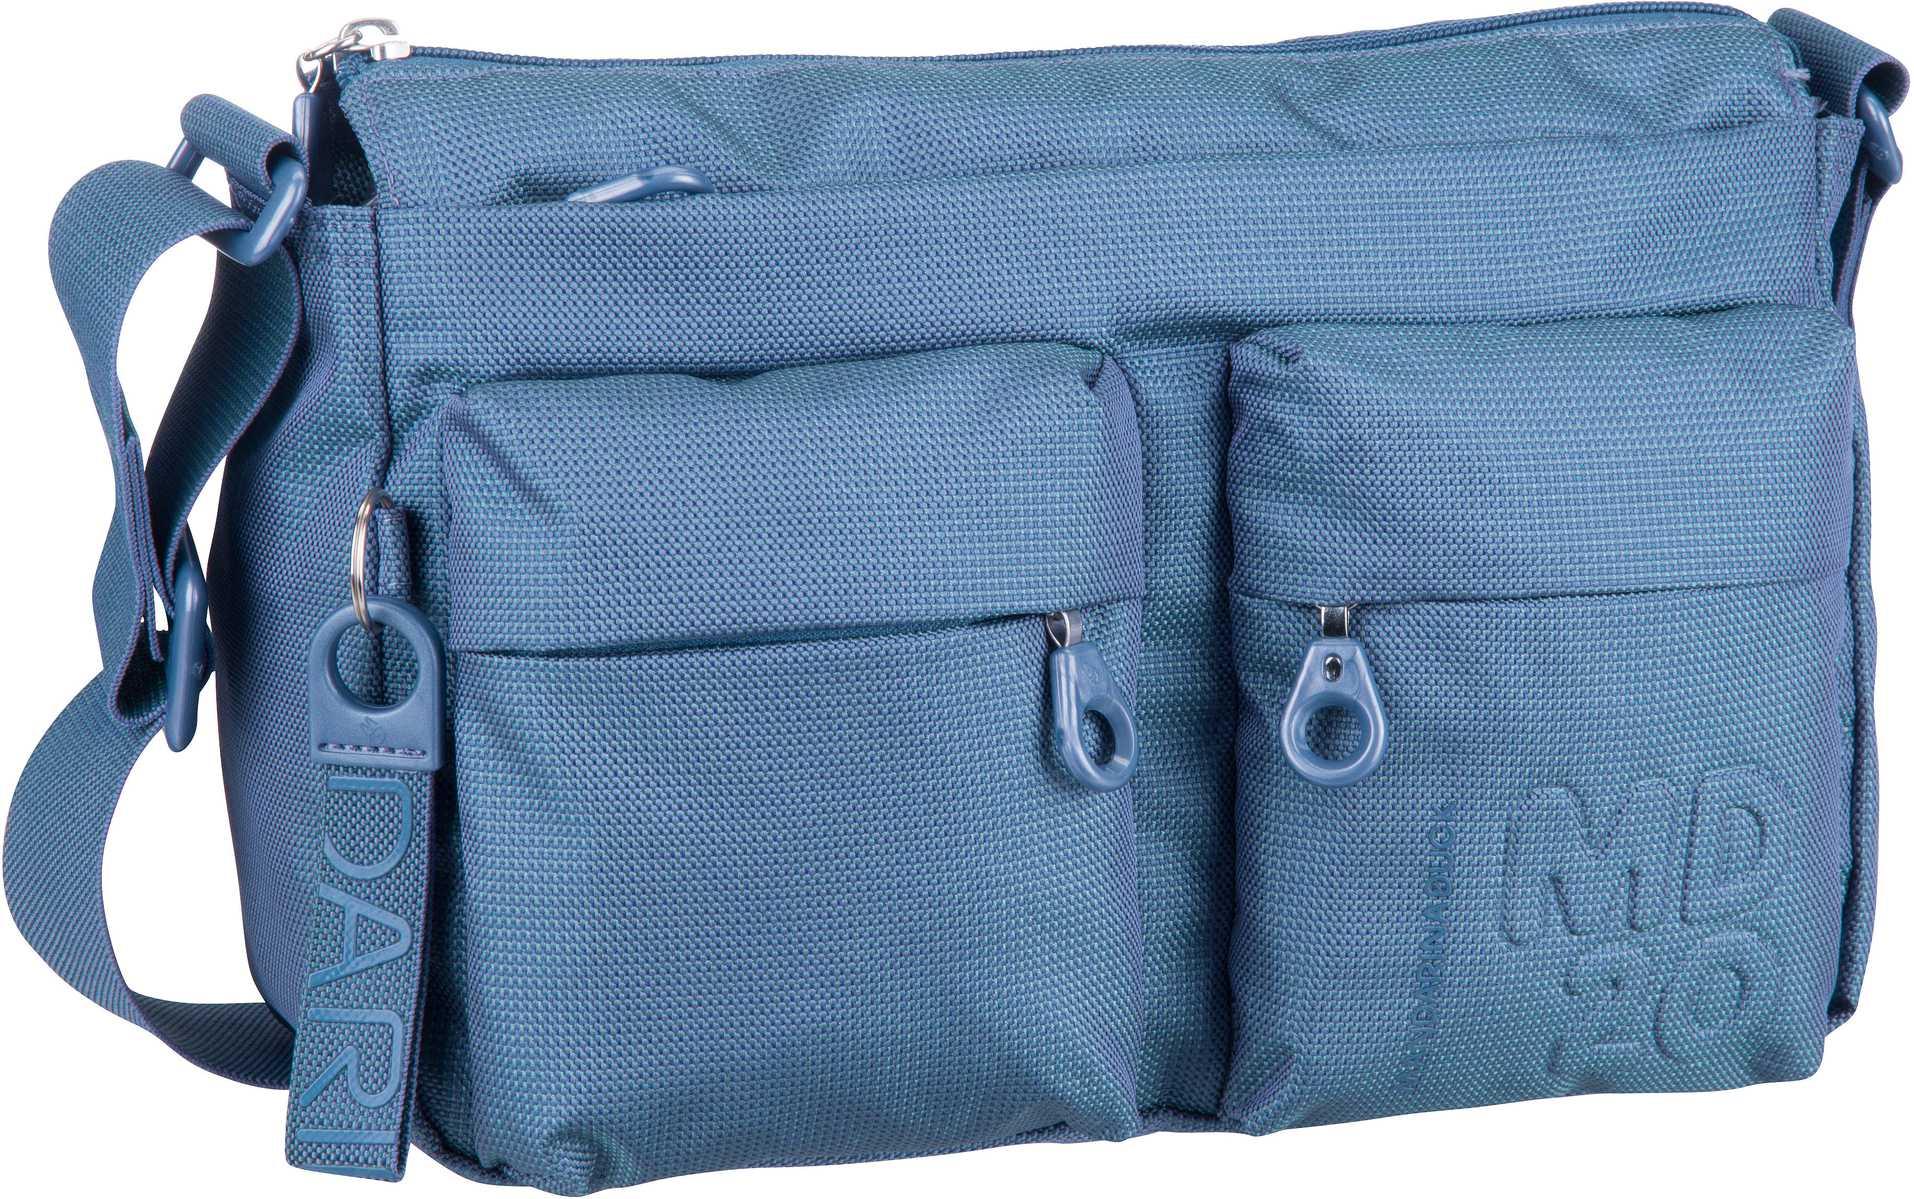 Umhängetasche MD20 Crossover Bag QMTX5 Moonlight Blue